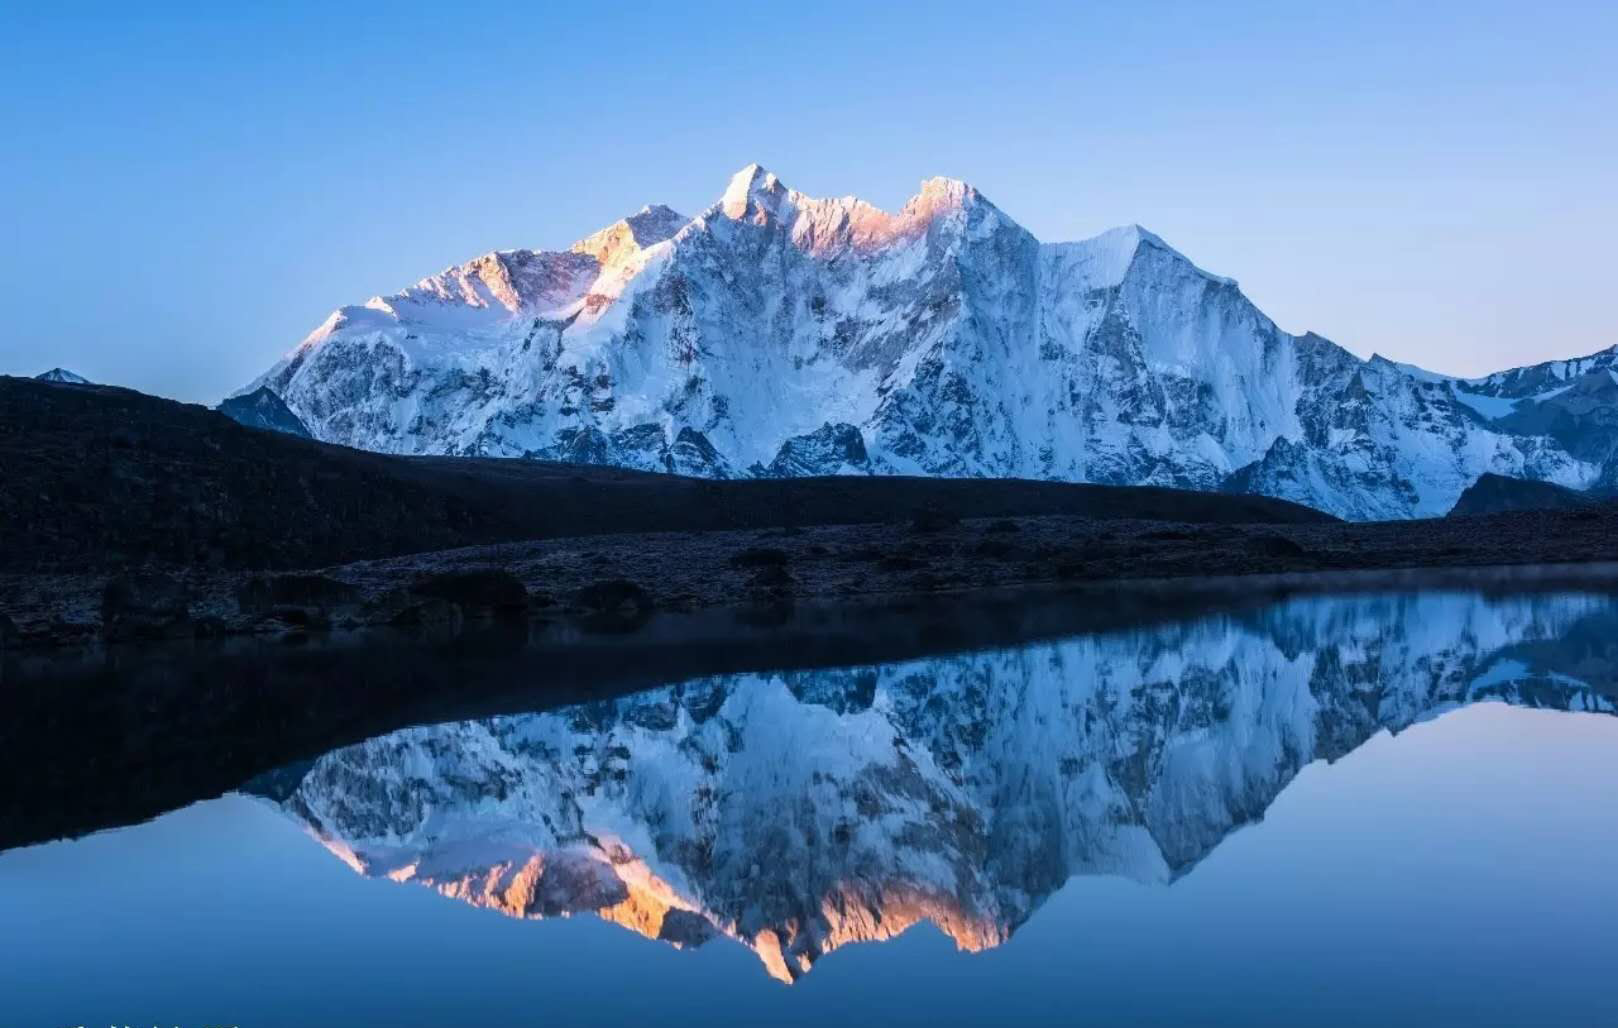 徒步珠峰东坡,探索最美山谷嘎玛沟